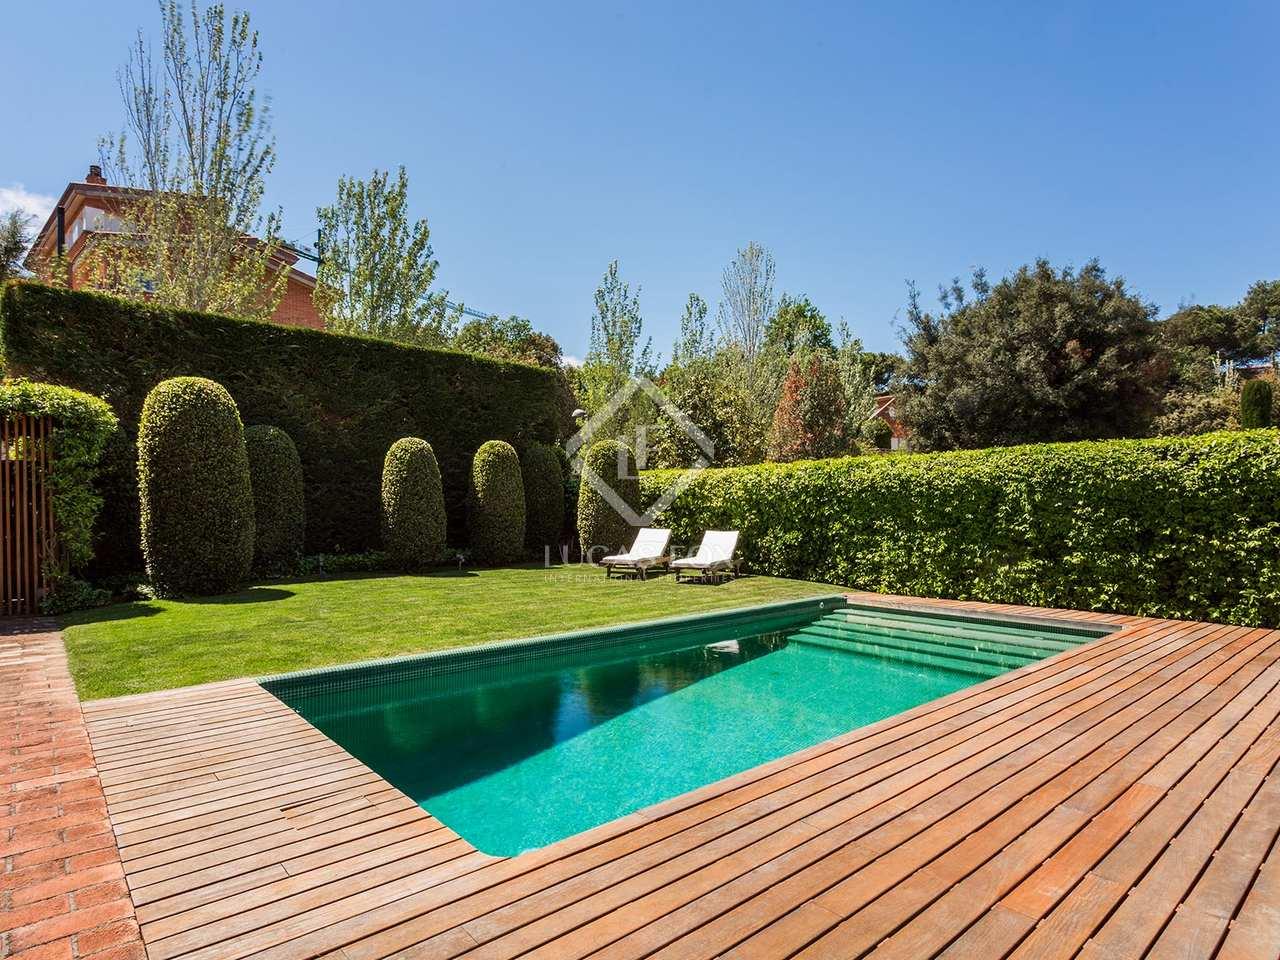 Casa de 5 dormitorios con jard n y piscina en venta en - Piscina sant cugat ...